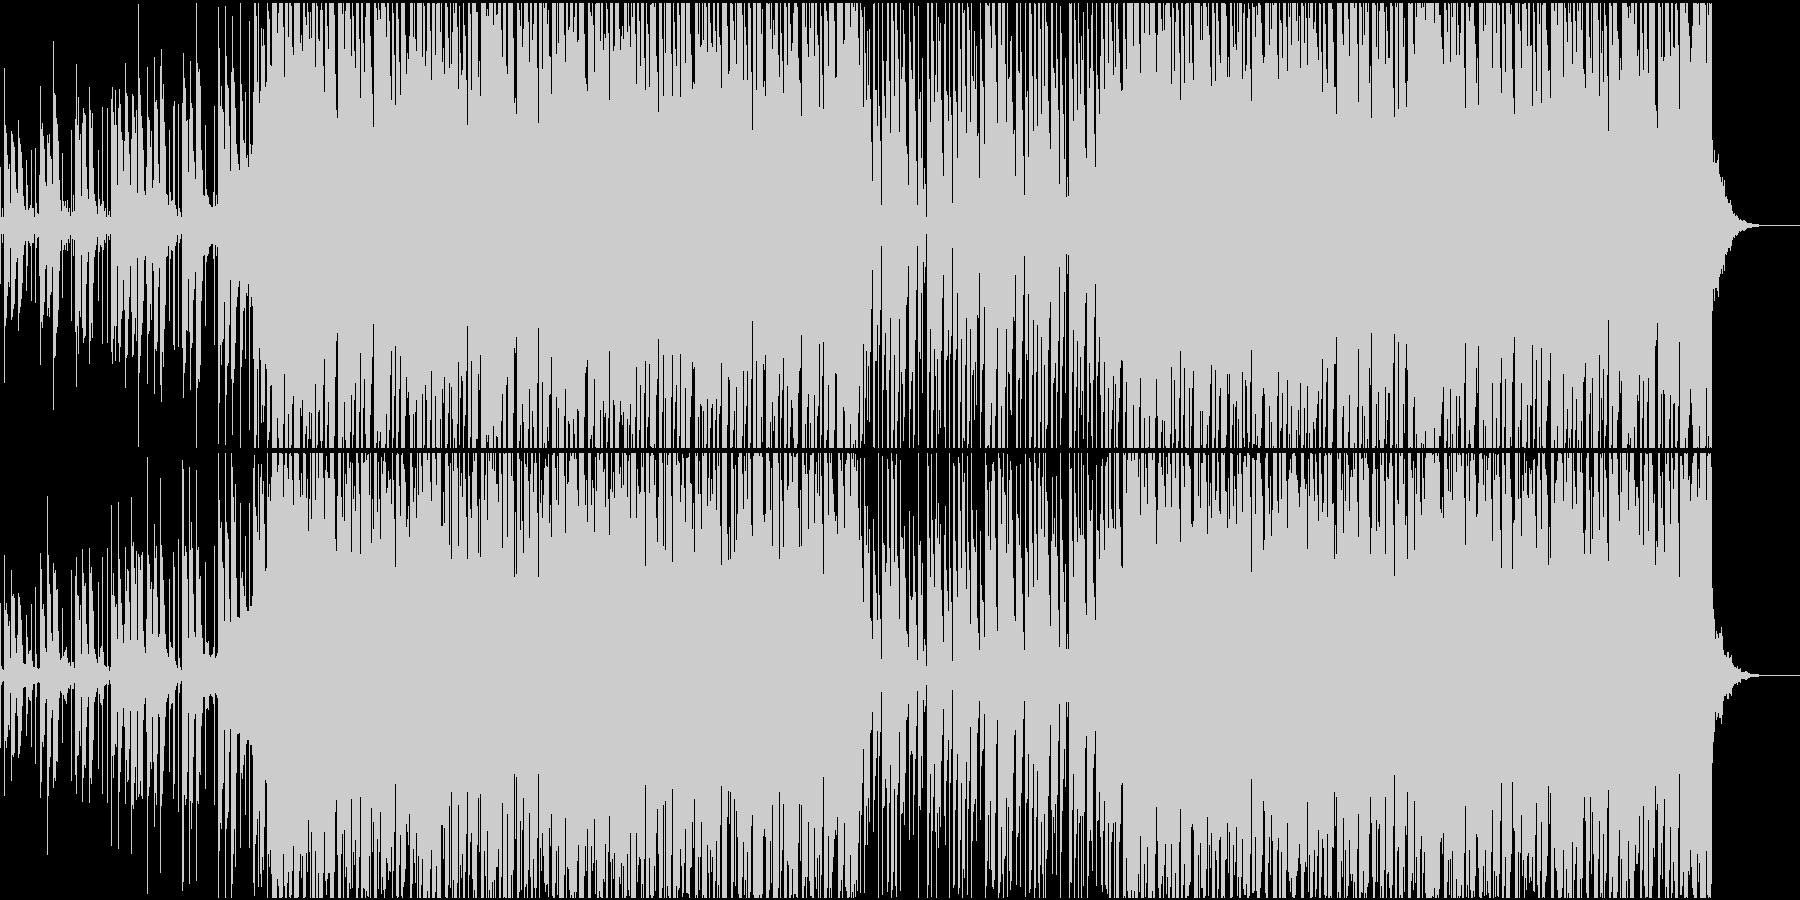 ビートの強いハウスの未再生の波形